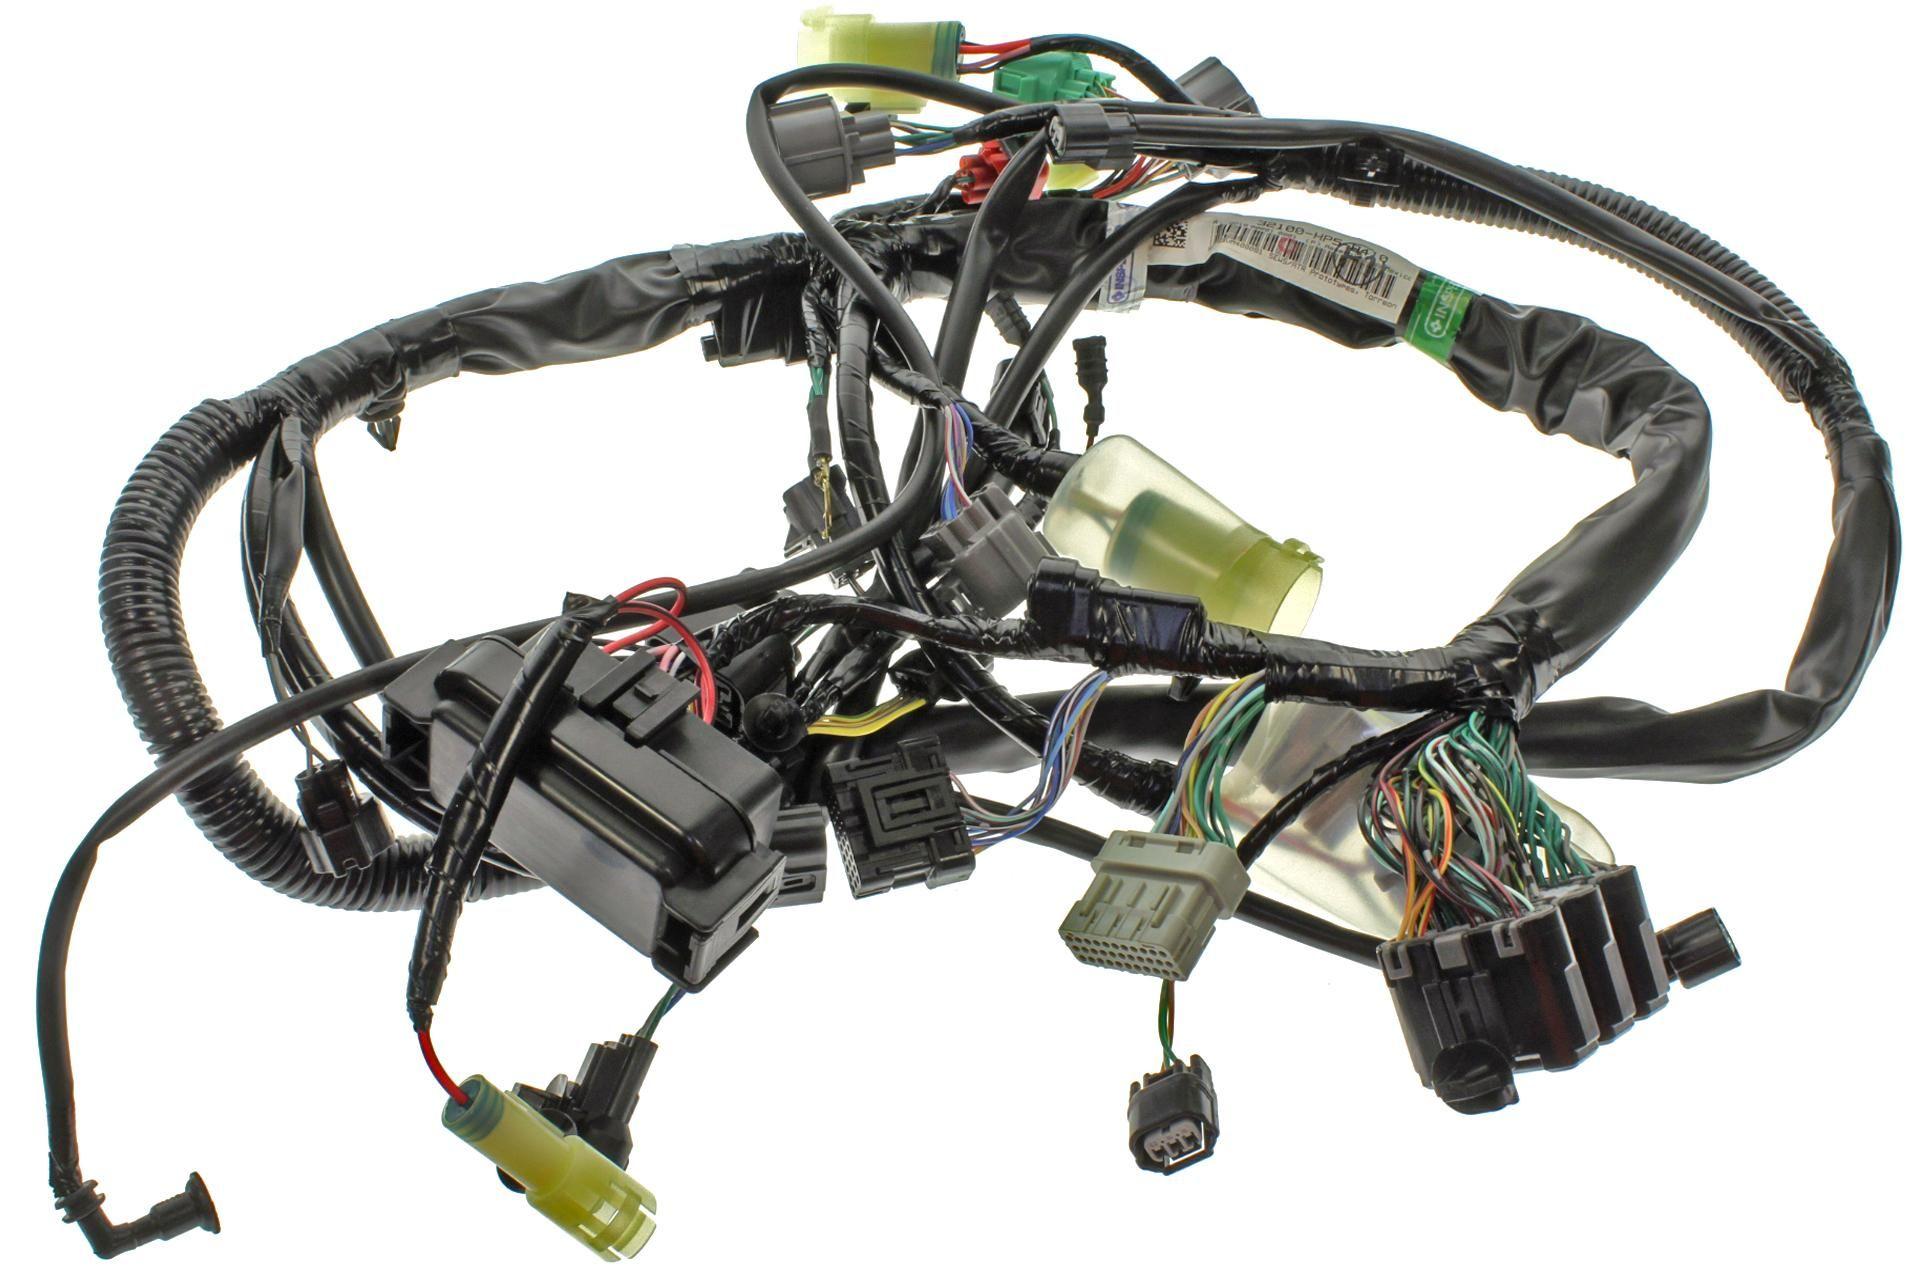 Fiação principal Chicote Quadriciclo Foutrax TRX 420 FM 2010 2011 2012 2013 Original Honda 32100HP5A41